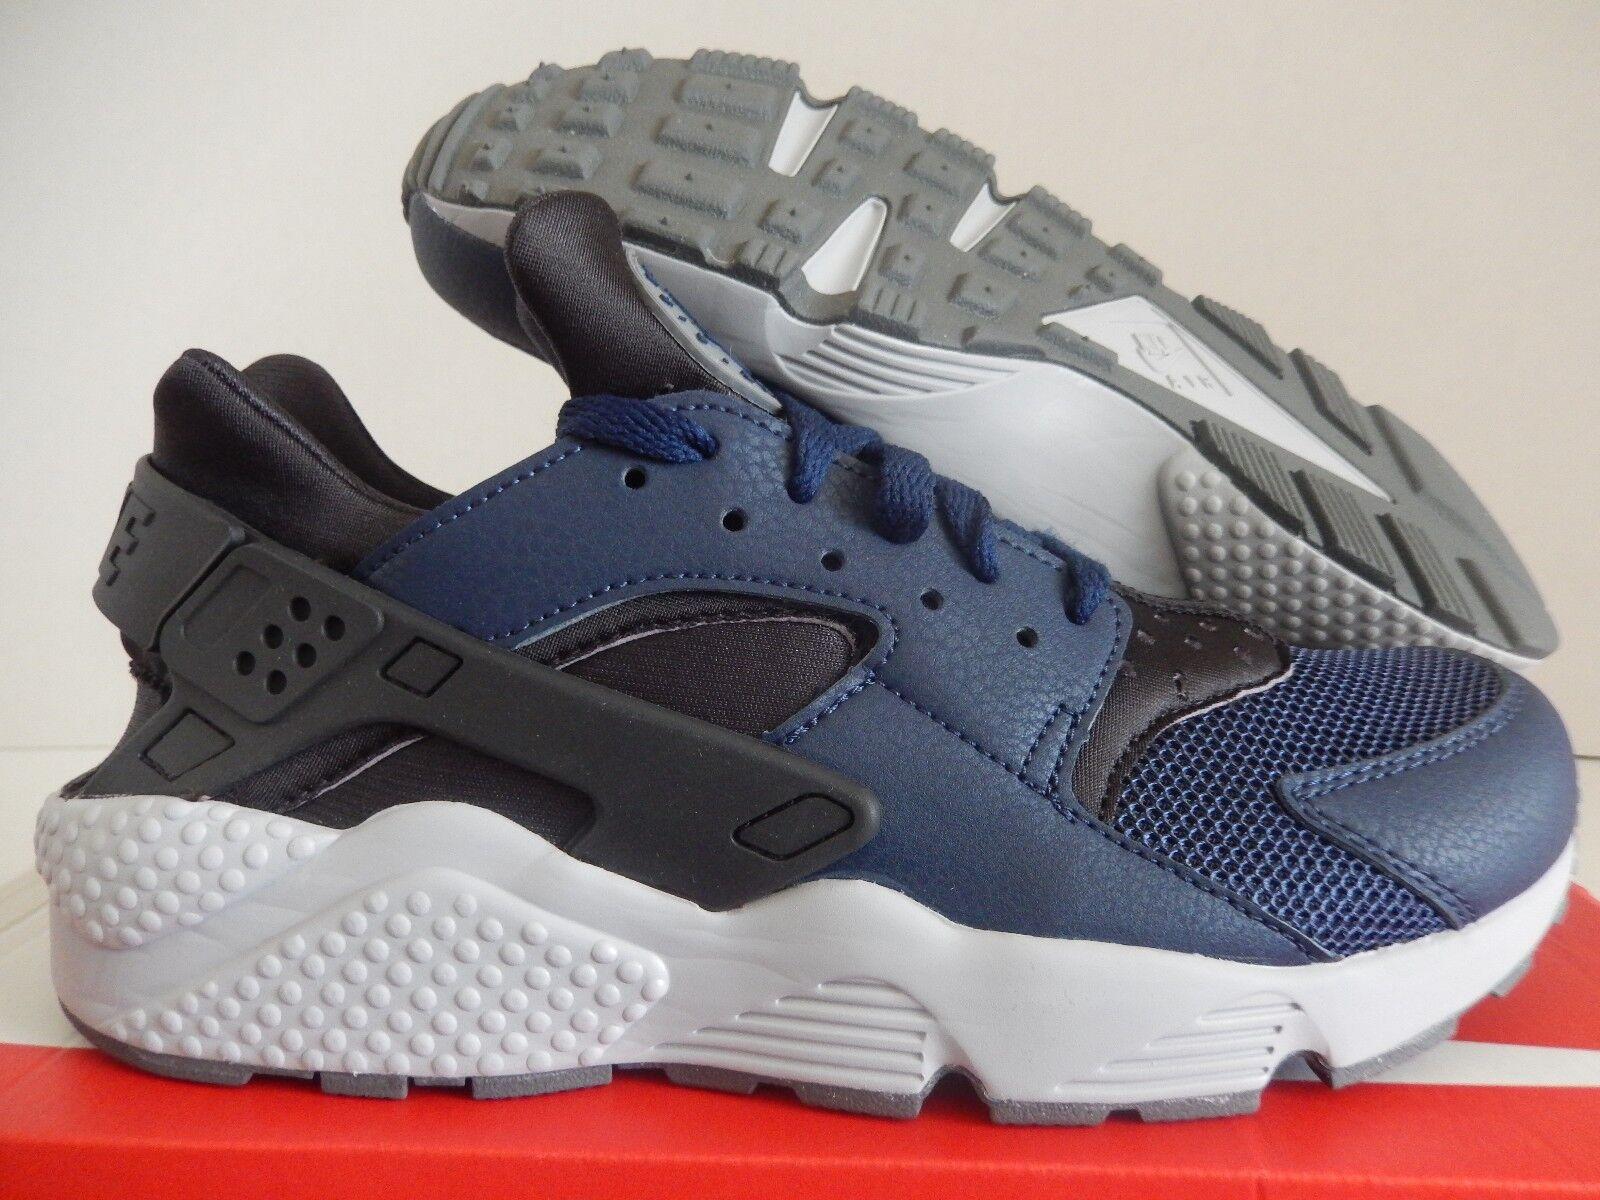 Nike air air Nike huarache mitternacht marine Blau-dark ash-Grau sz 8,5 [318429-409] 2ebb18